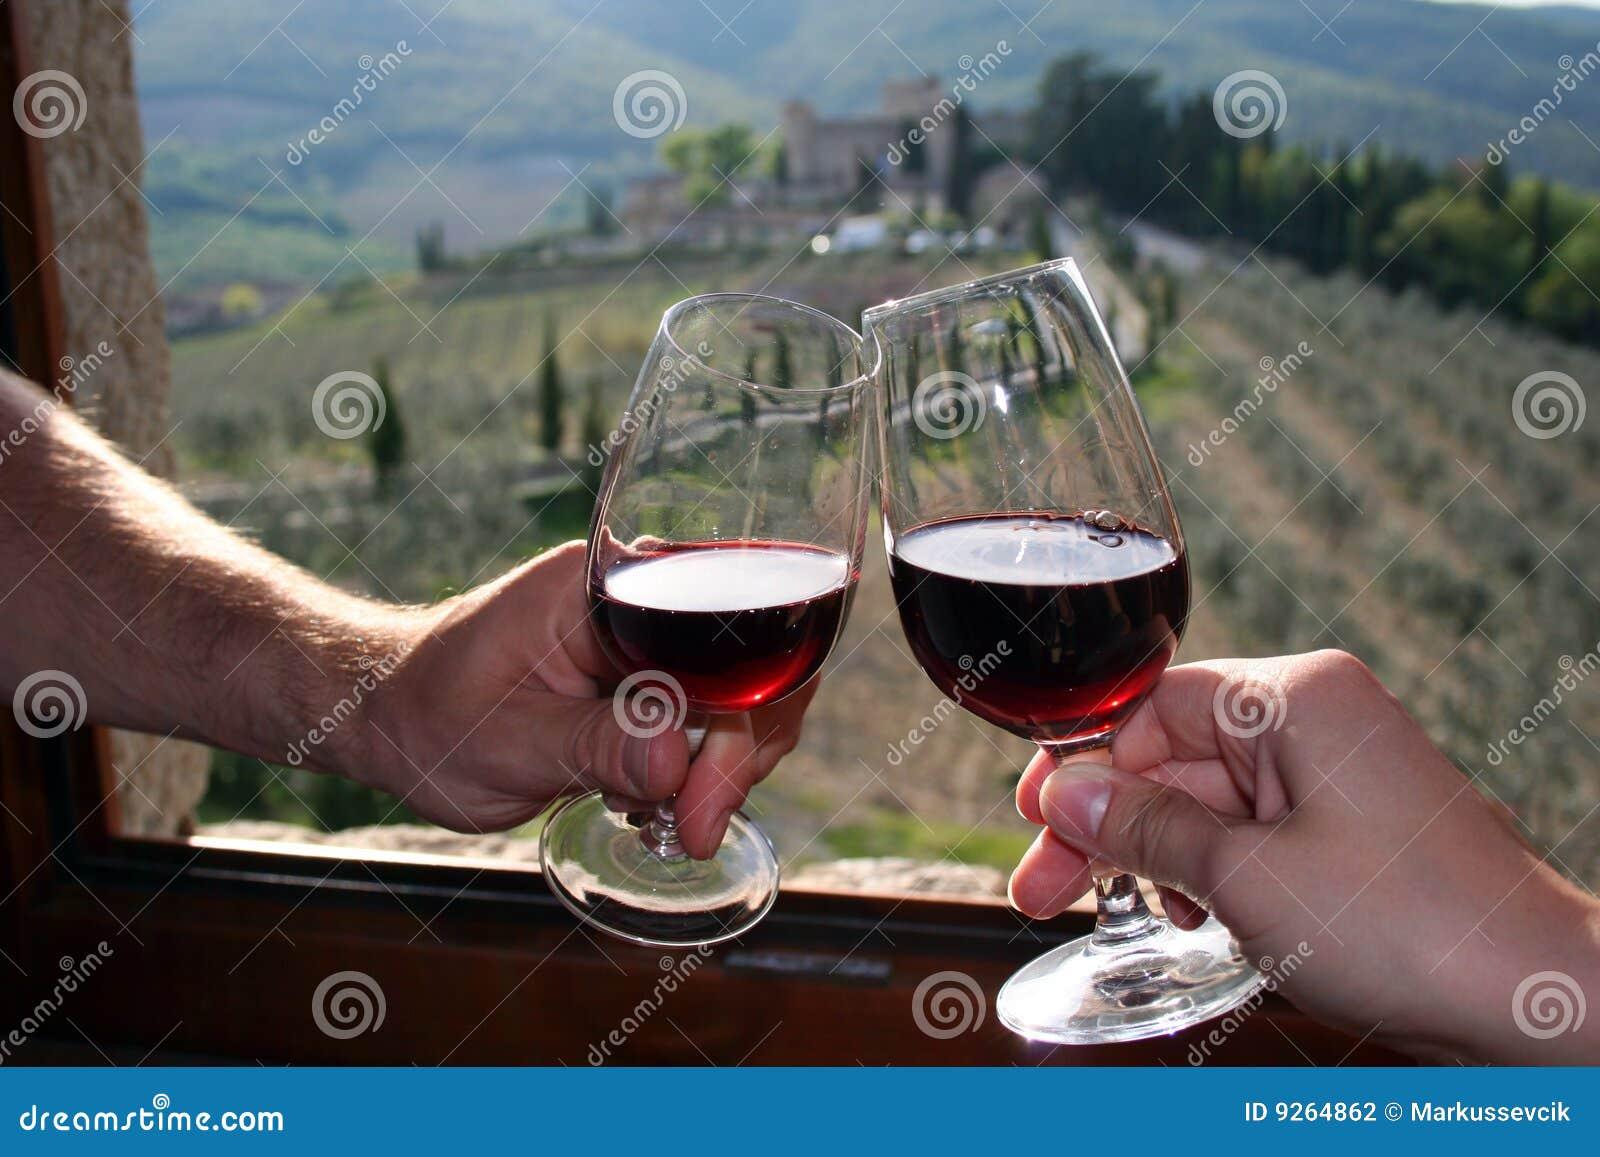 Rotwein in Castello di Meleto in Italien/in Toskana